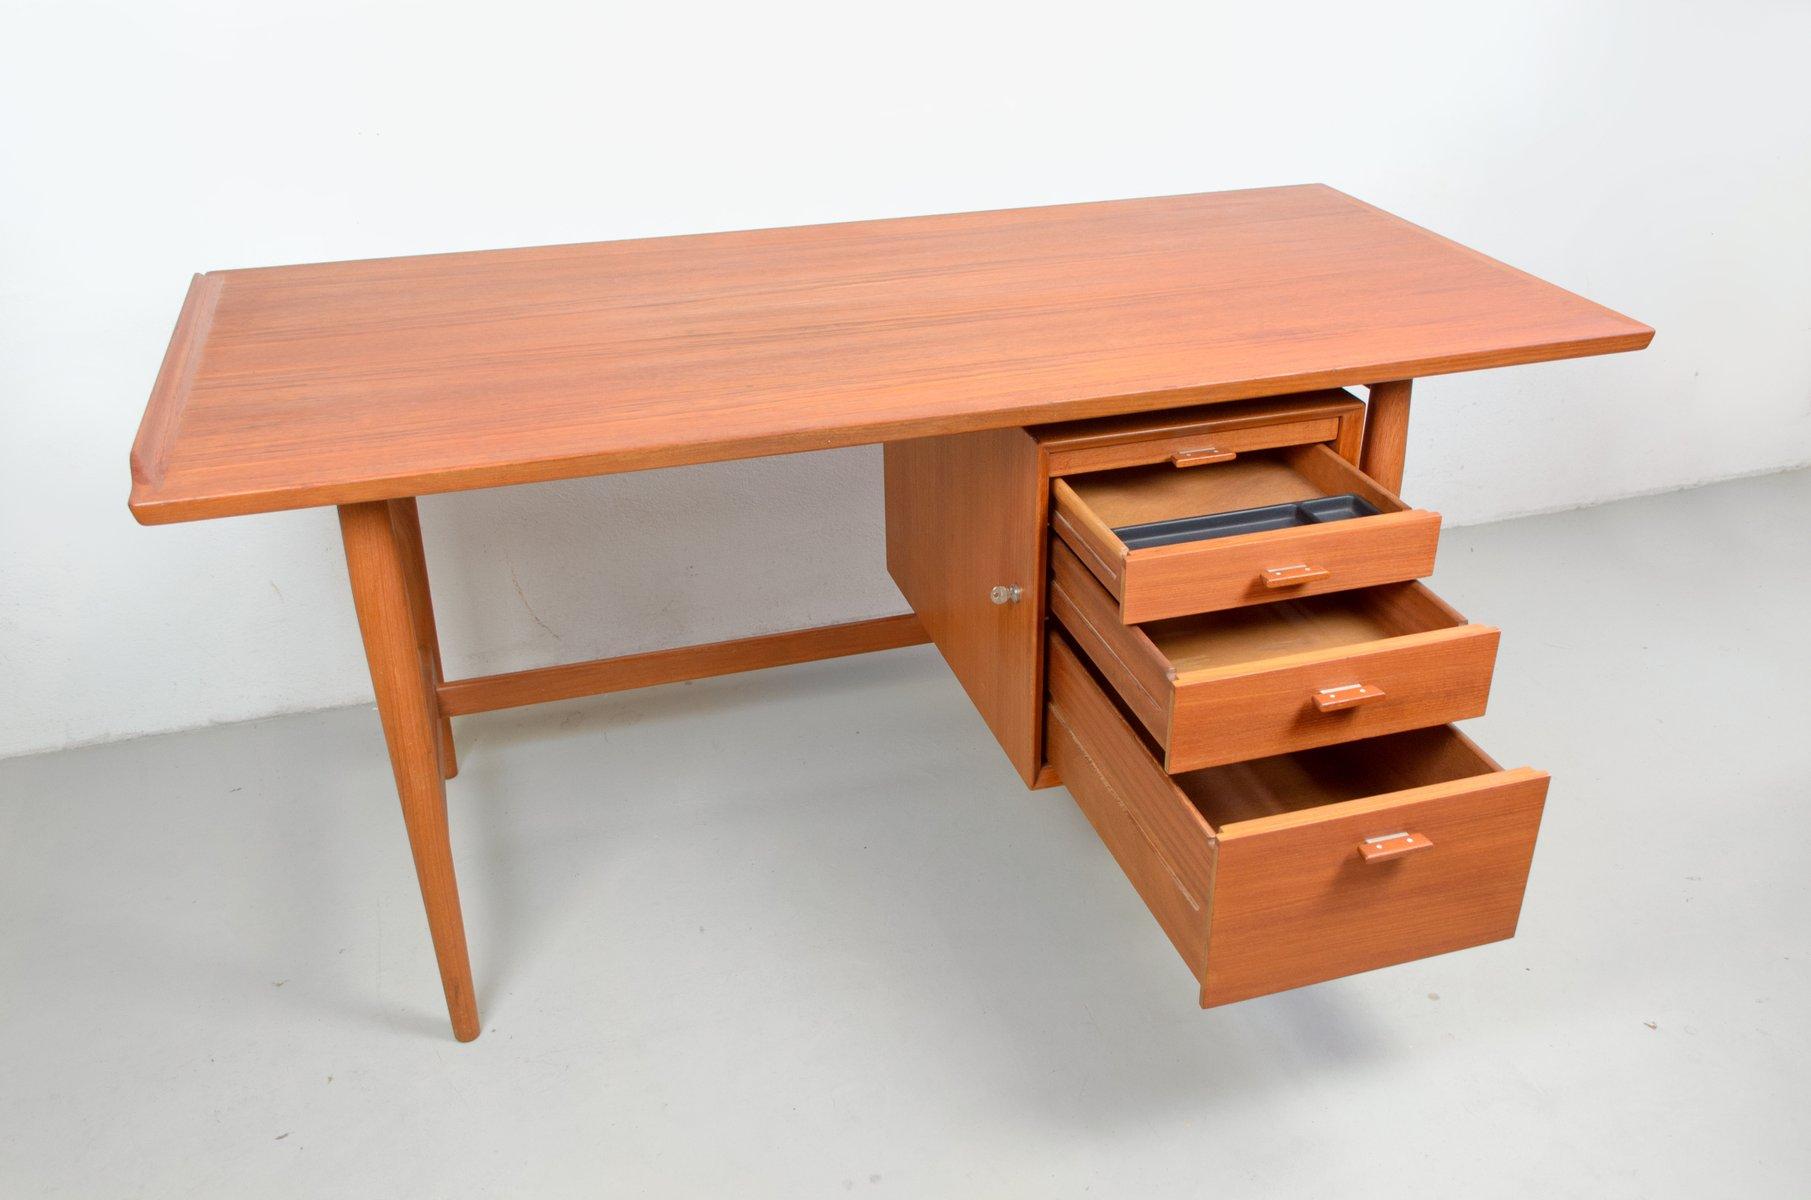 mid century teak schreibtisch von arne vodder f r sibast 1960er bei pamono kaufen. Black Bedroom Furniture Sets. Home Design Ideas